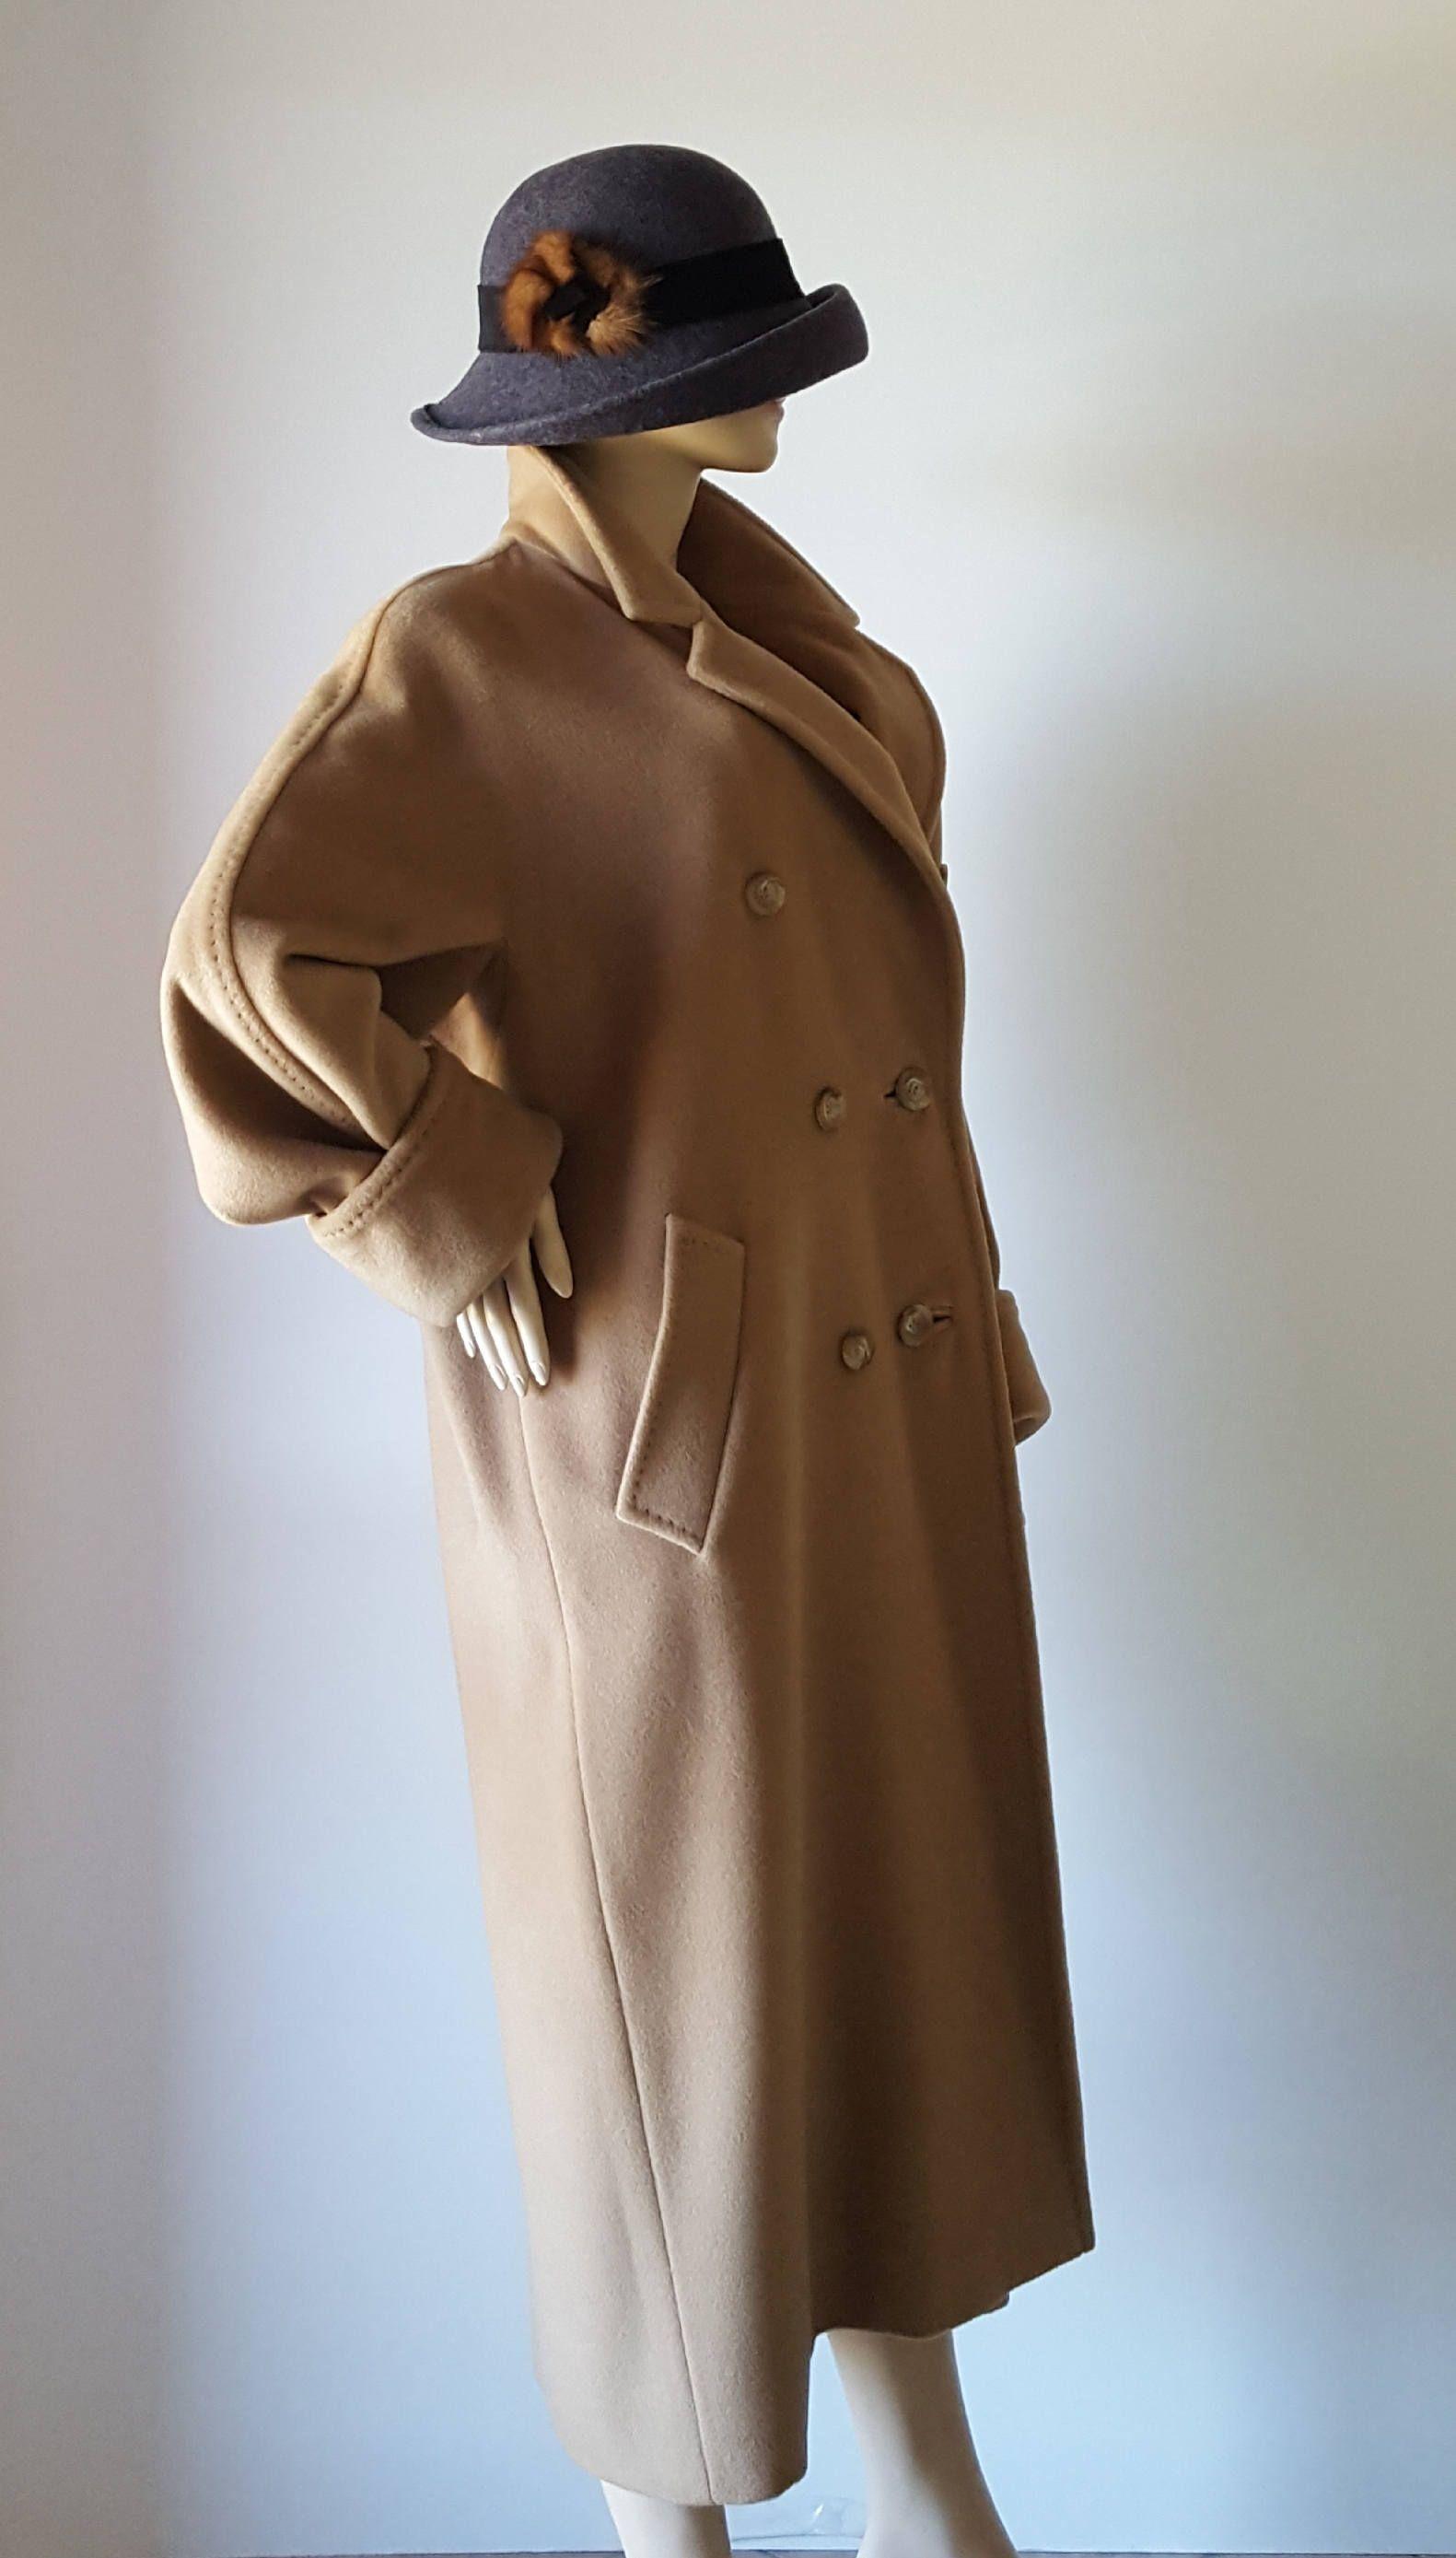 MAX MARA Made in Italy ORIGINALE Cappotto Anni  80 in lana e cashmere di  Isognidellefate su Etsy 61d97a6b1b0